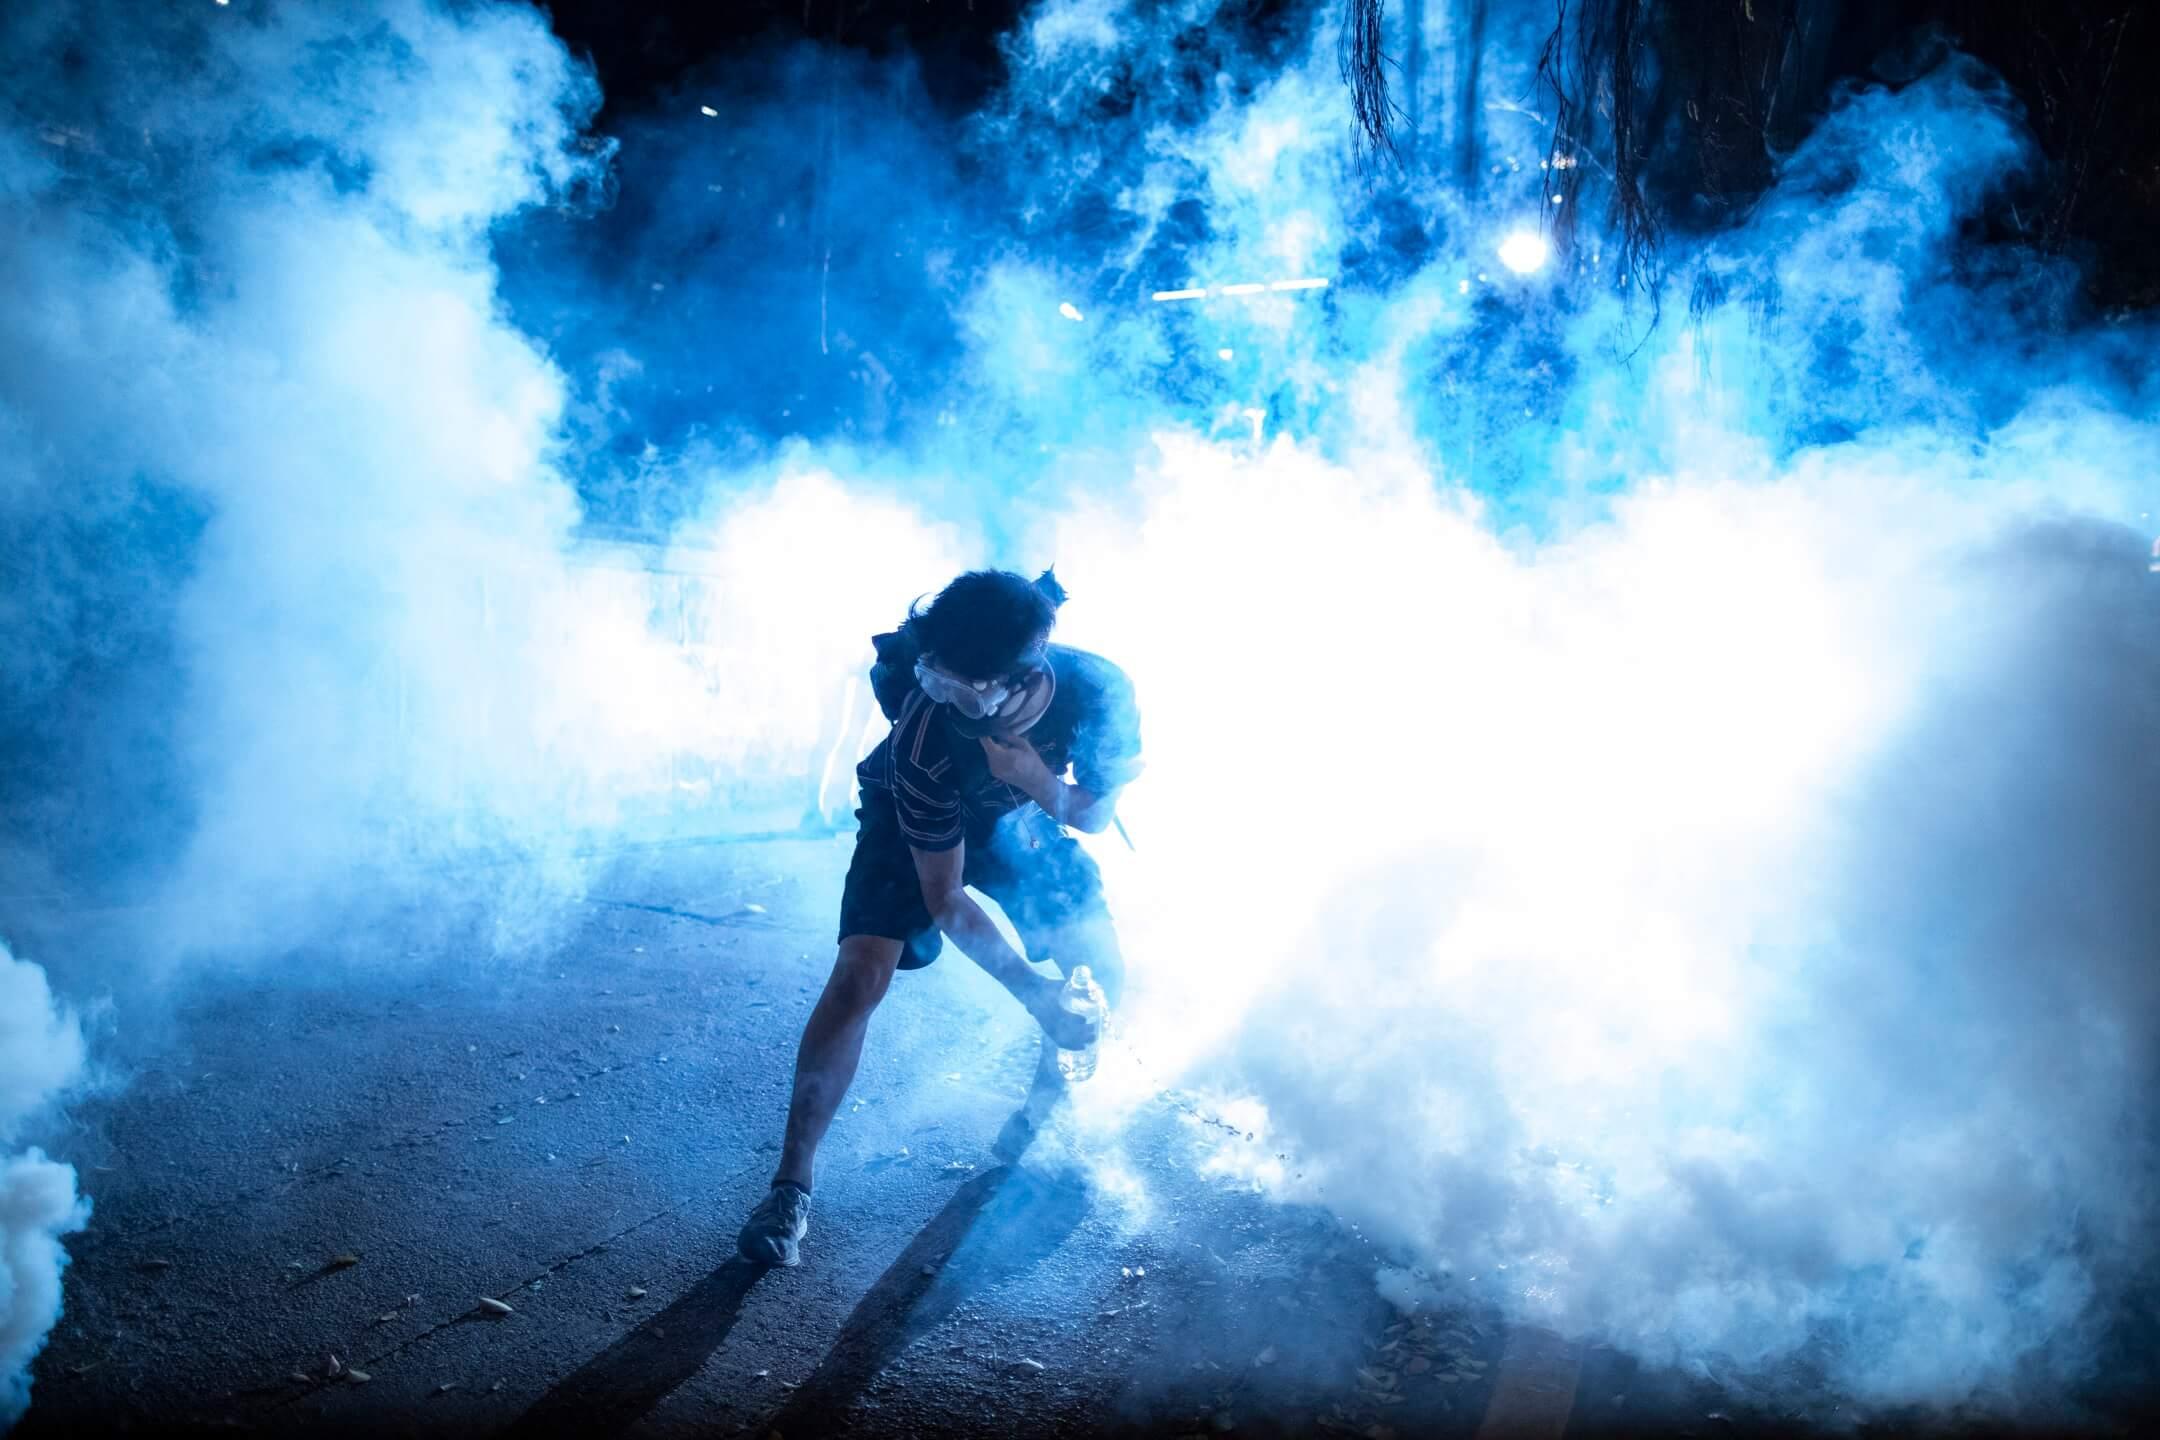 2019年8月10日尖沙咀警署外,警方以催淚彈驅散示威者。